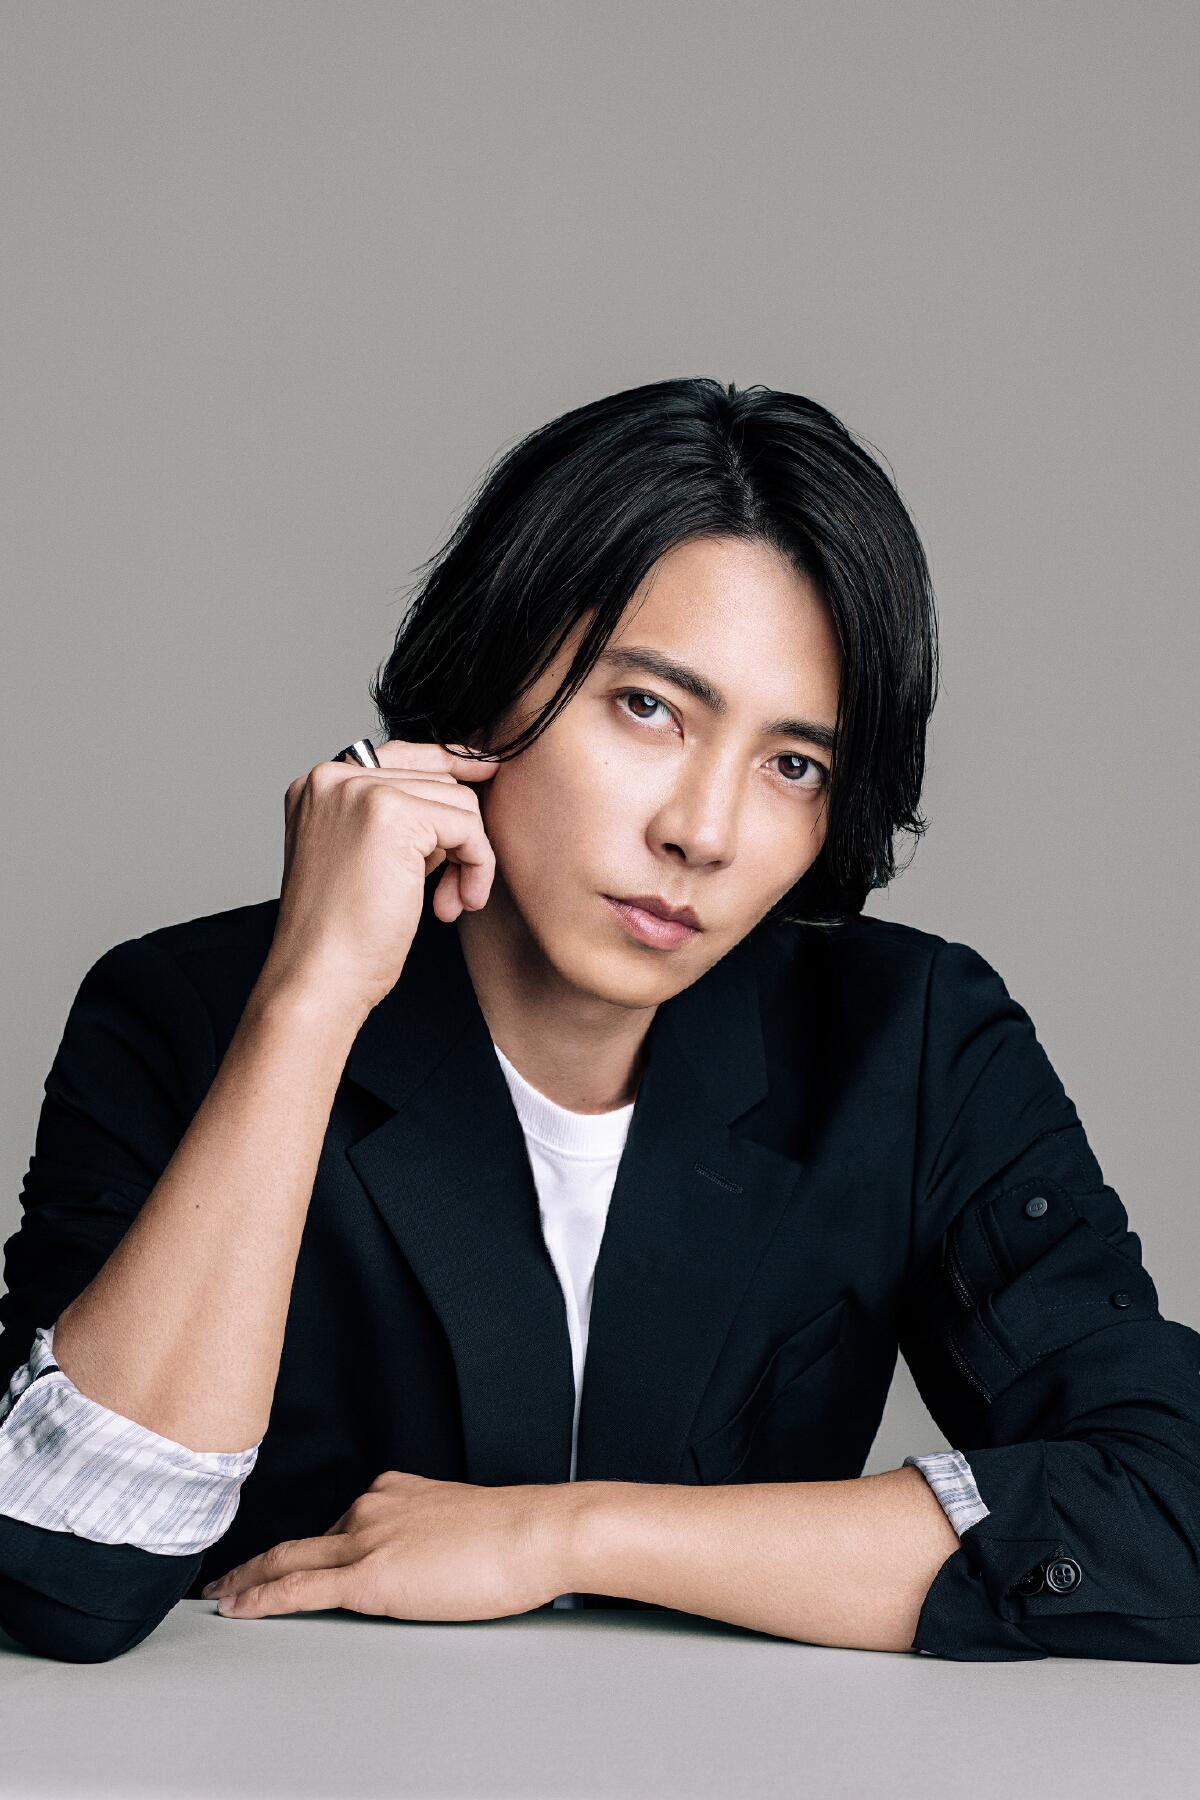 Tomoshisa Yamashita